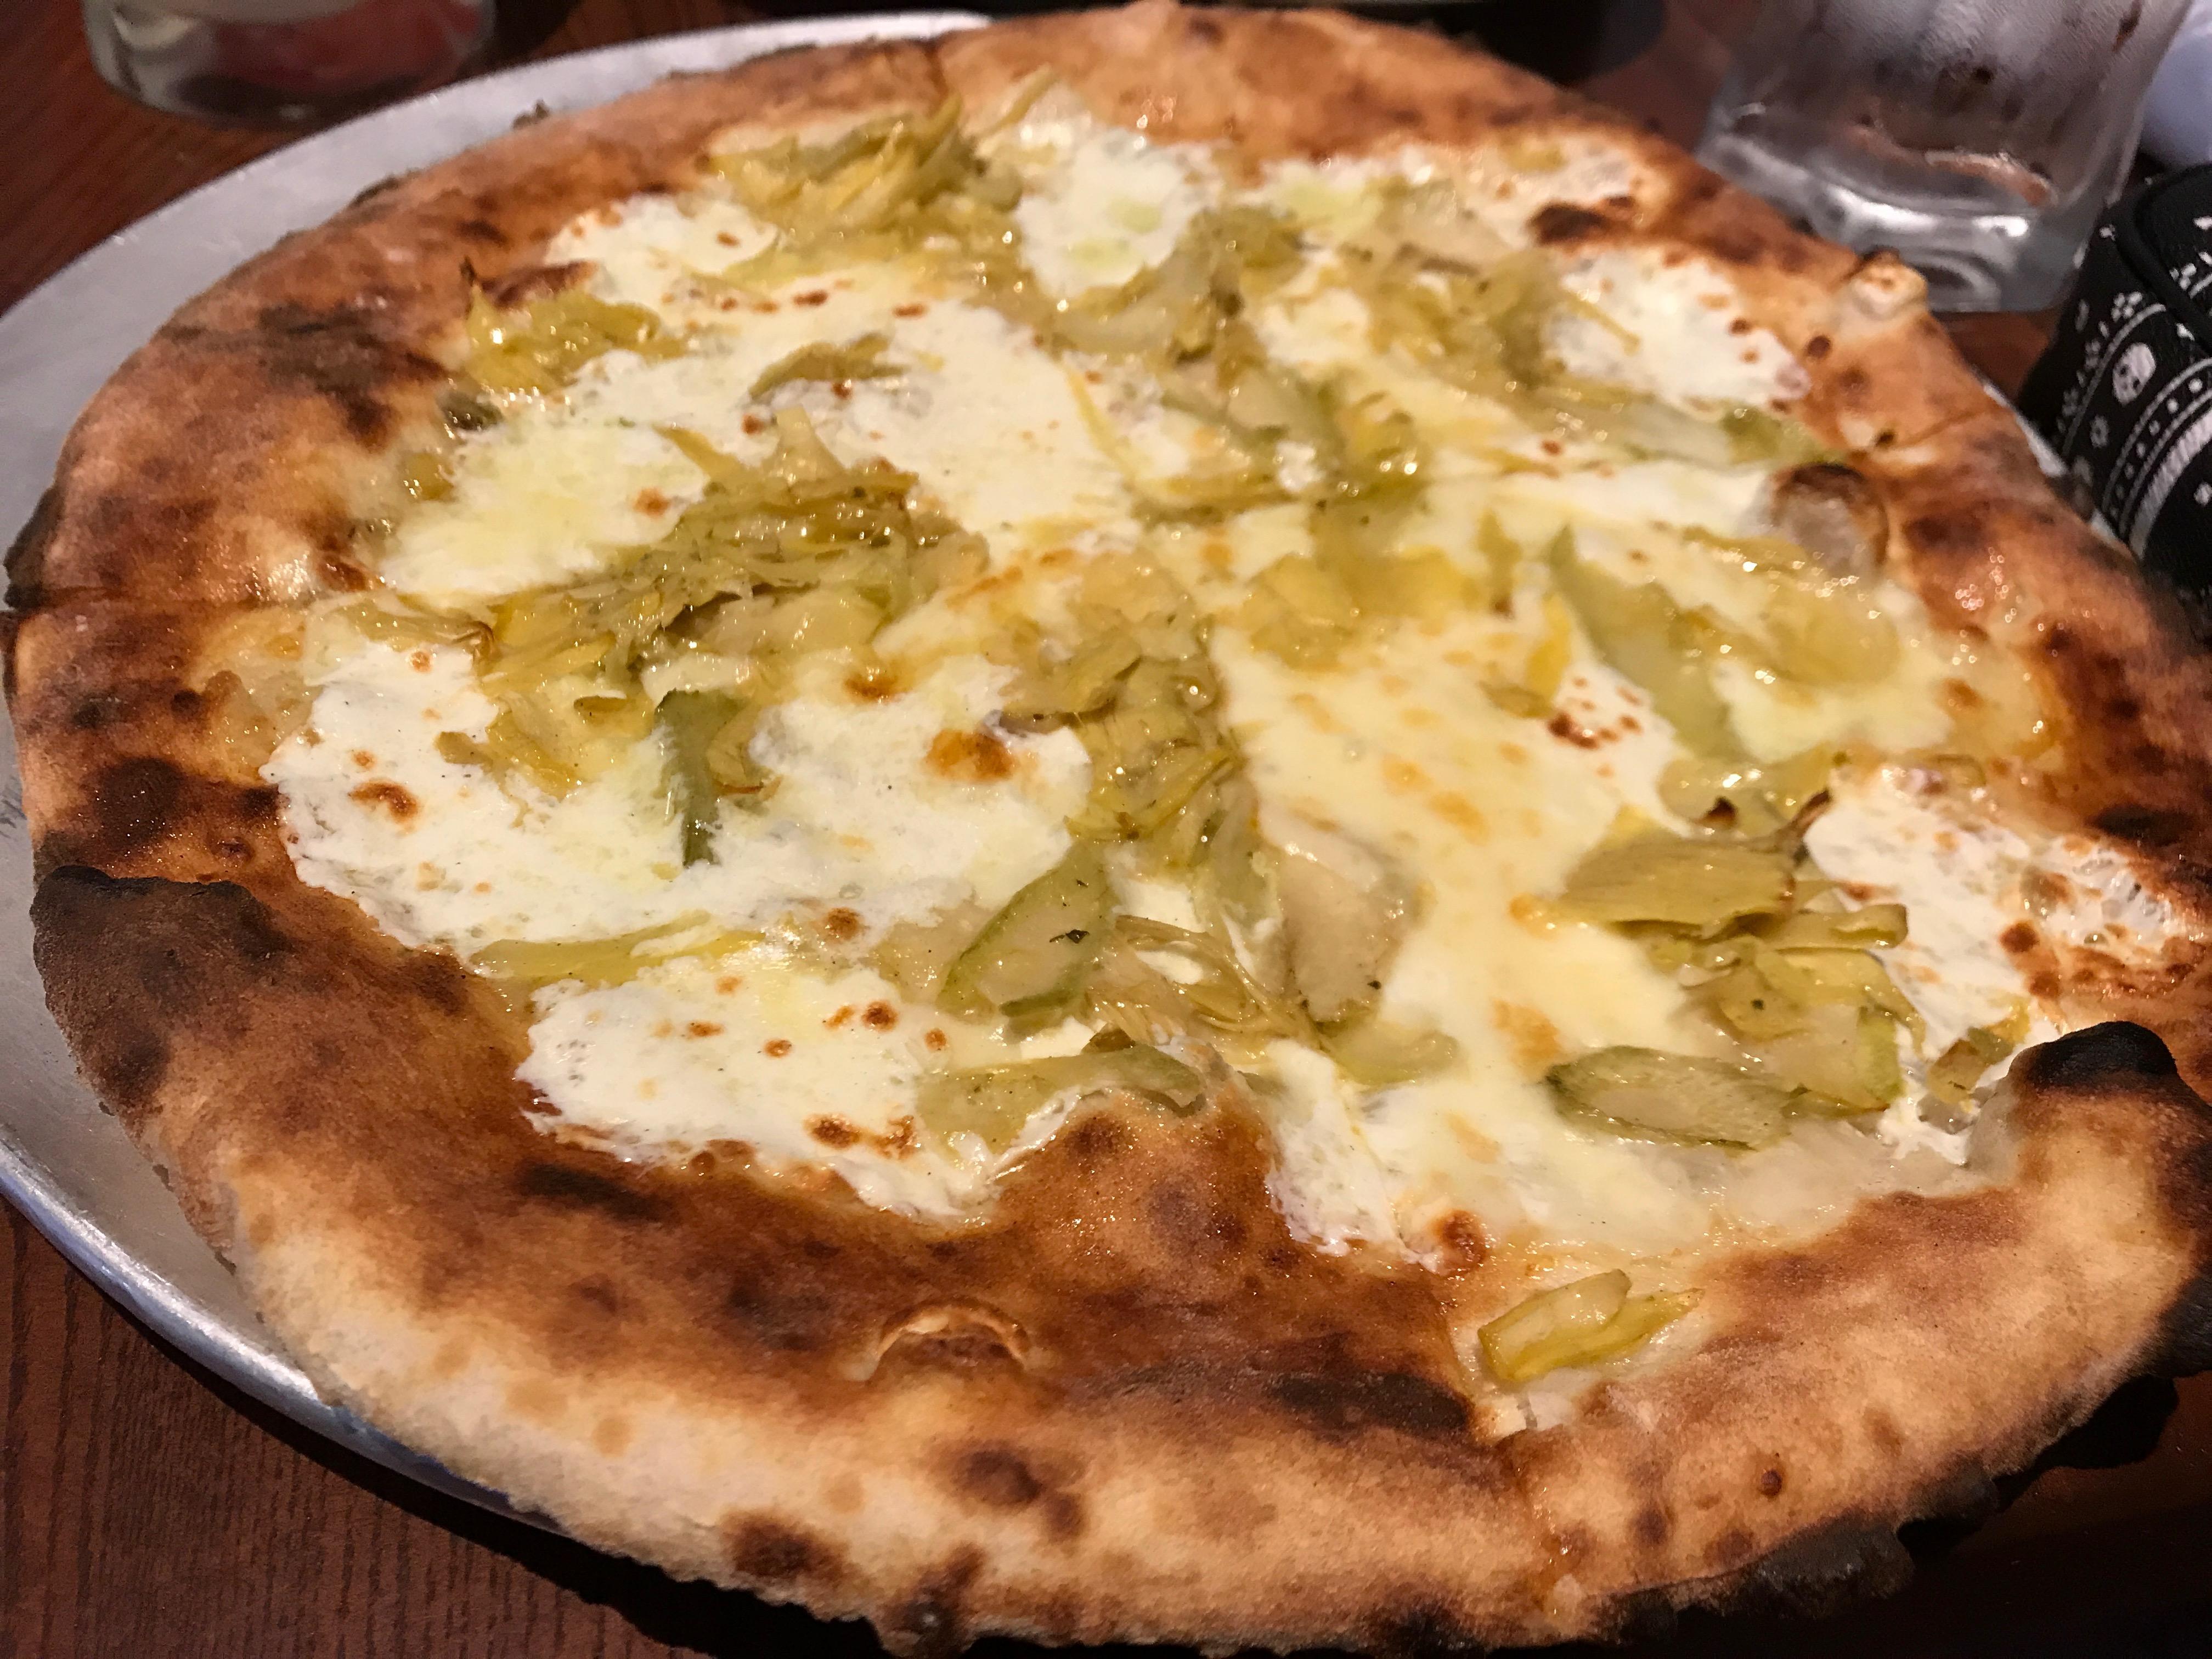 Disney Epcot Italy Via Napoli Artichoke Pizza